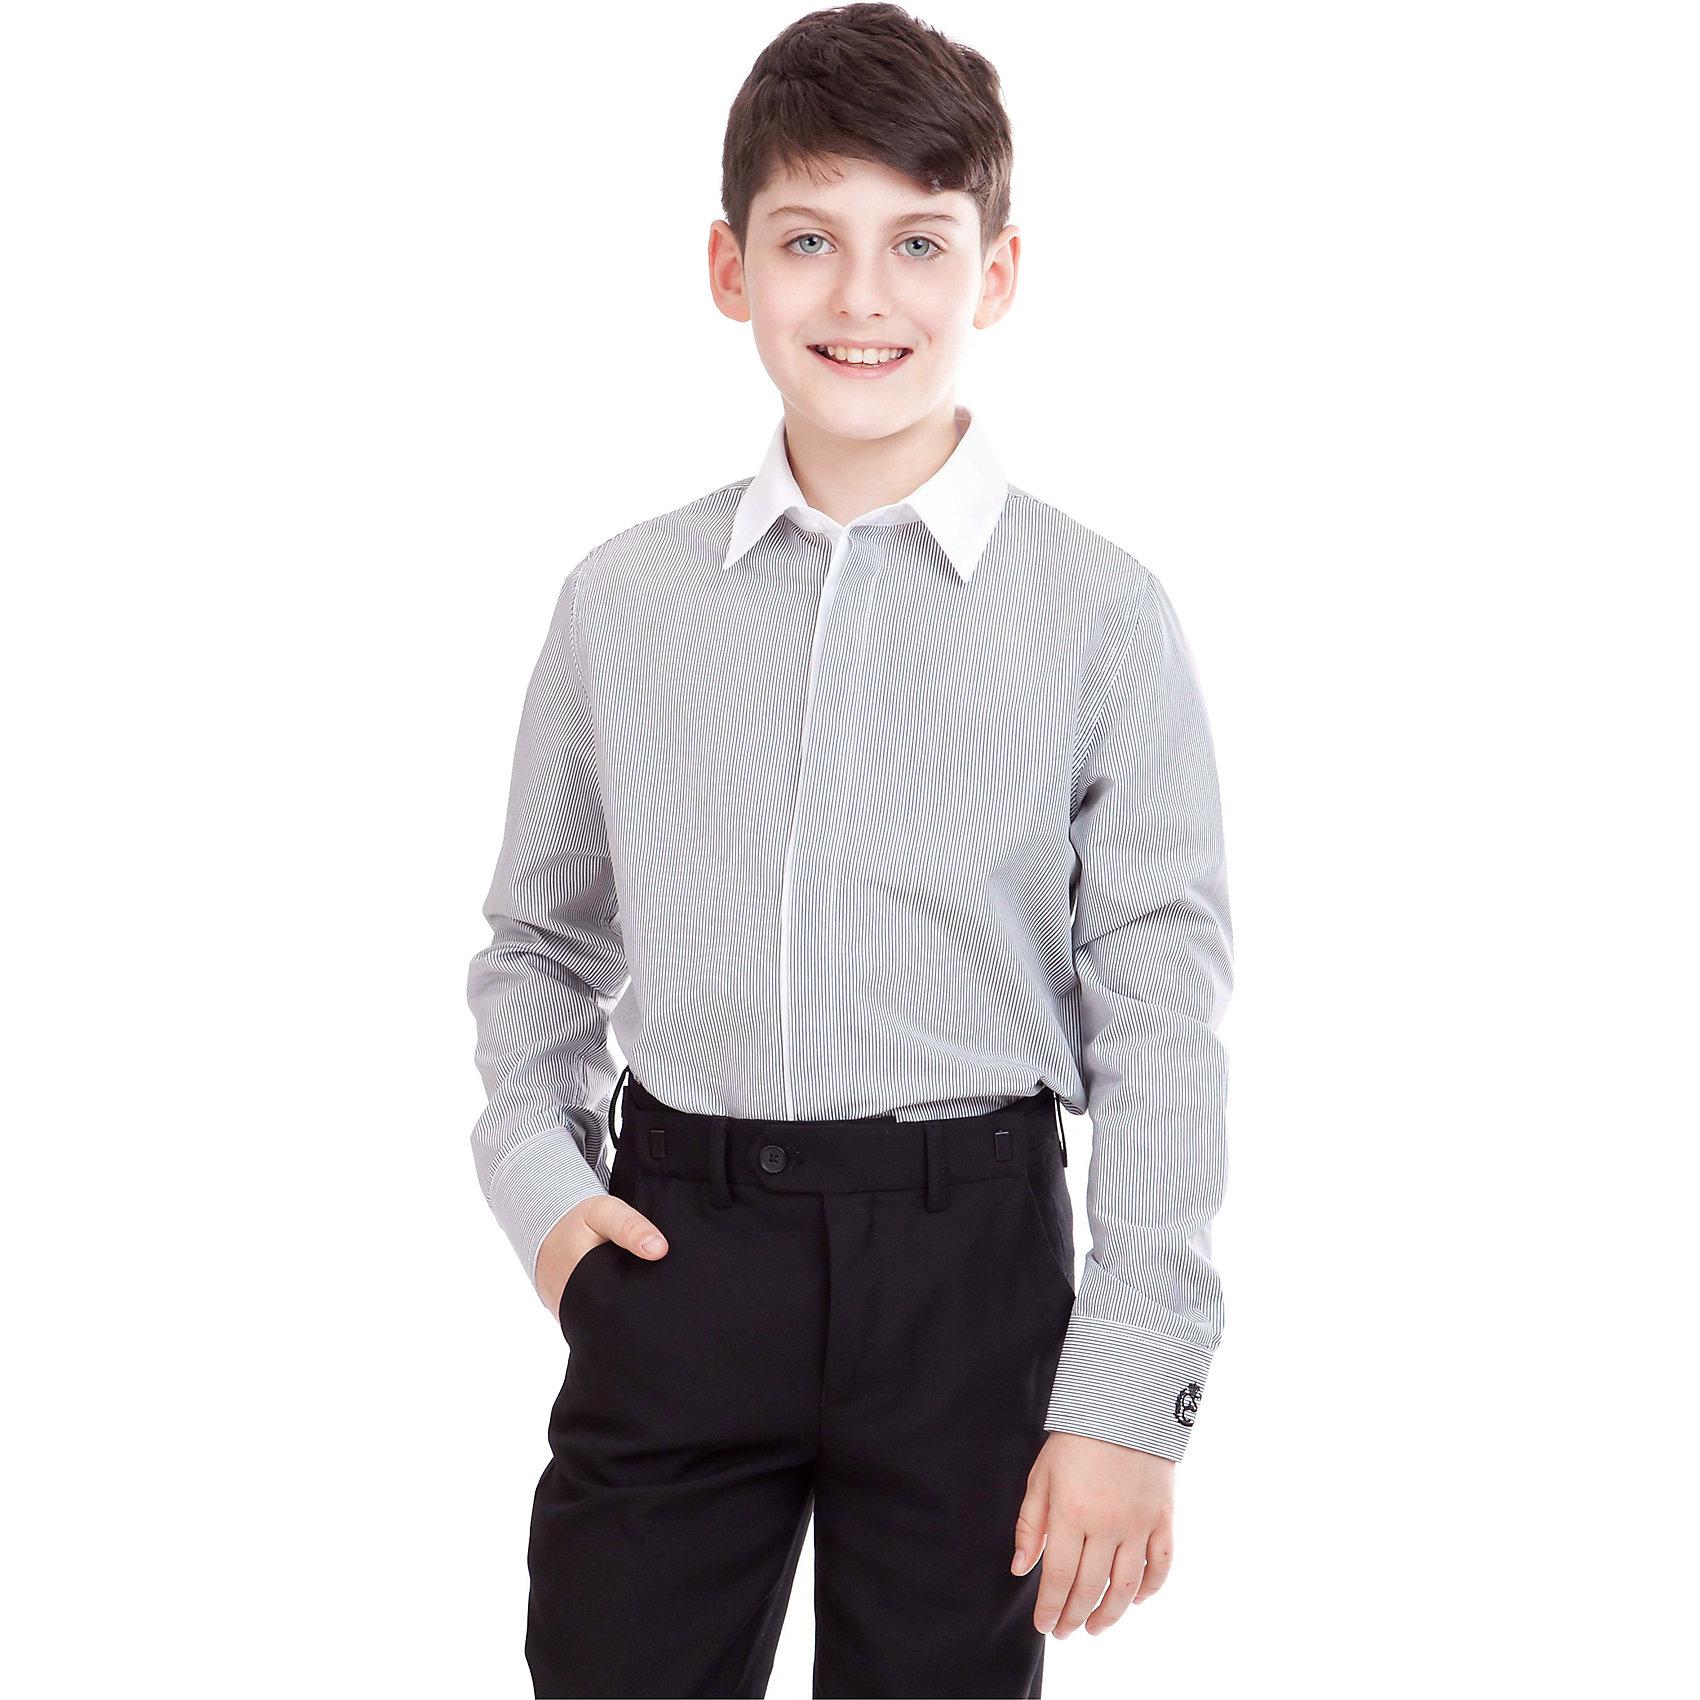 Рубашка для мальчика GulliverБлузки и рубашки<br>Рубашка для мальчика от российского бренда Gulliver.<br>Классическая рубашка с интересным орнаментом разнообразит будни школьника. Ведь так хочется выглядеть стильно, соблюдая при этом школьный дресс-код.  Ее украшает двойной воротник, внутренняя контрастная отделка стойки, манжет и планки.<br>Состав:<br>100% Хлопок<br><br>Ширина мм: 174<br>Глубина мм: 10<br>Высота мм: 169<br>Вес г: 157<br>Цвет: серый<br>Возраст от месяцев: 156<br>Возраст до месяцев: 168<br>Пол: Мужской<br>Возраст: Детский<br>Размер: 122,140,158,152,146,134,128,164<br>SKU: 4174526